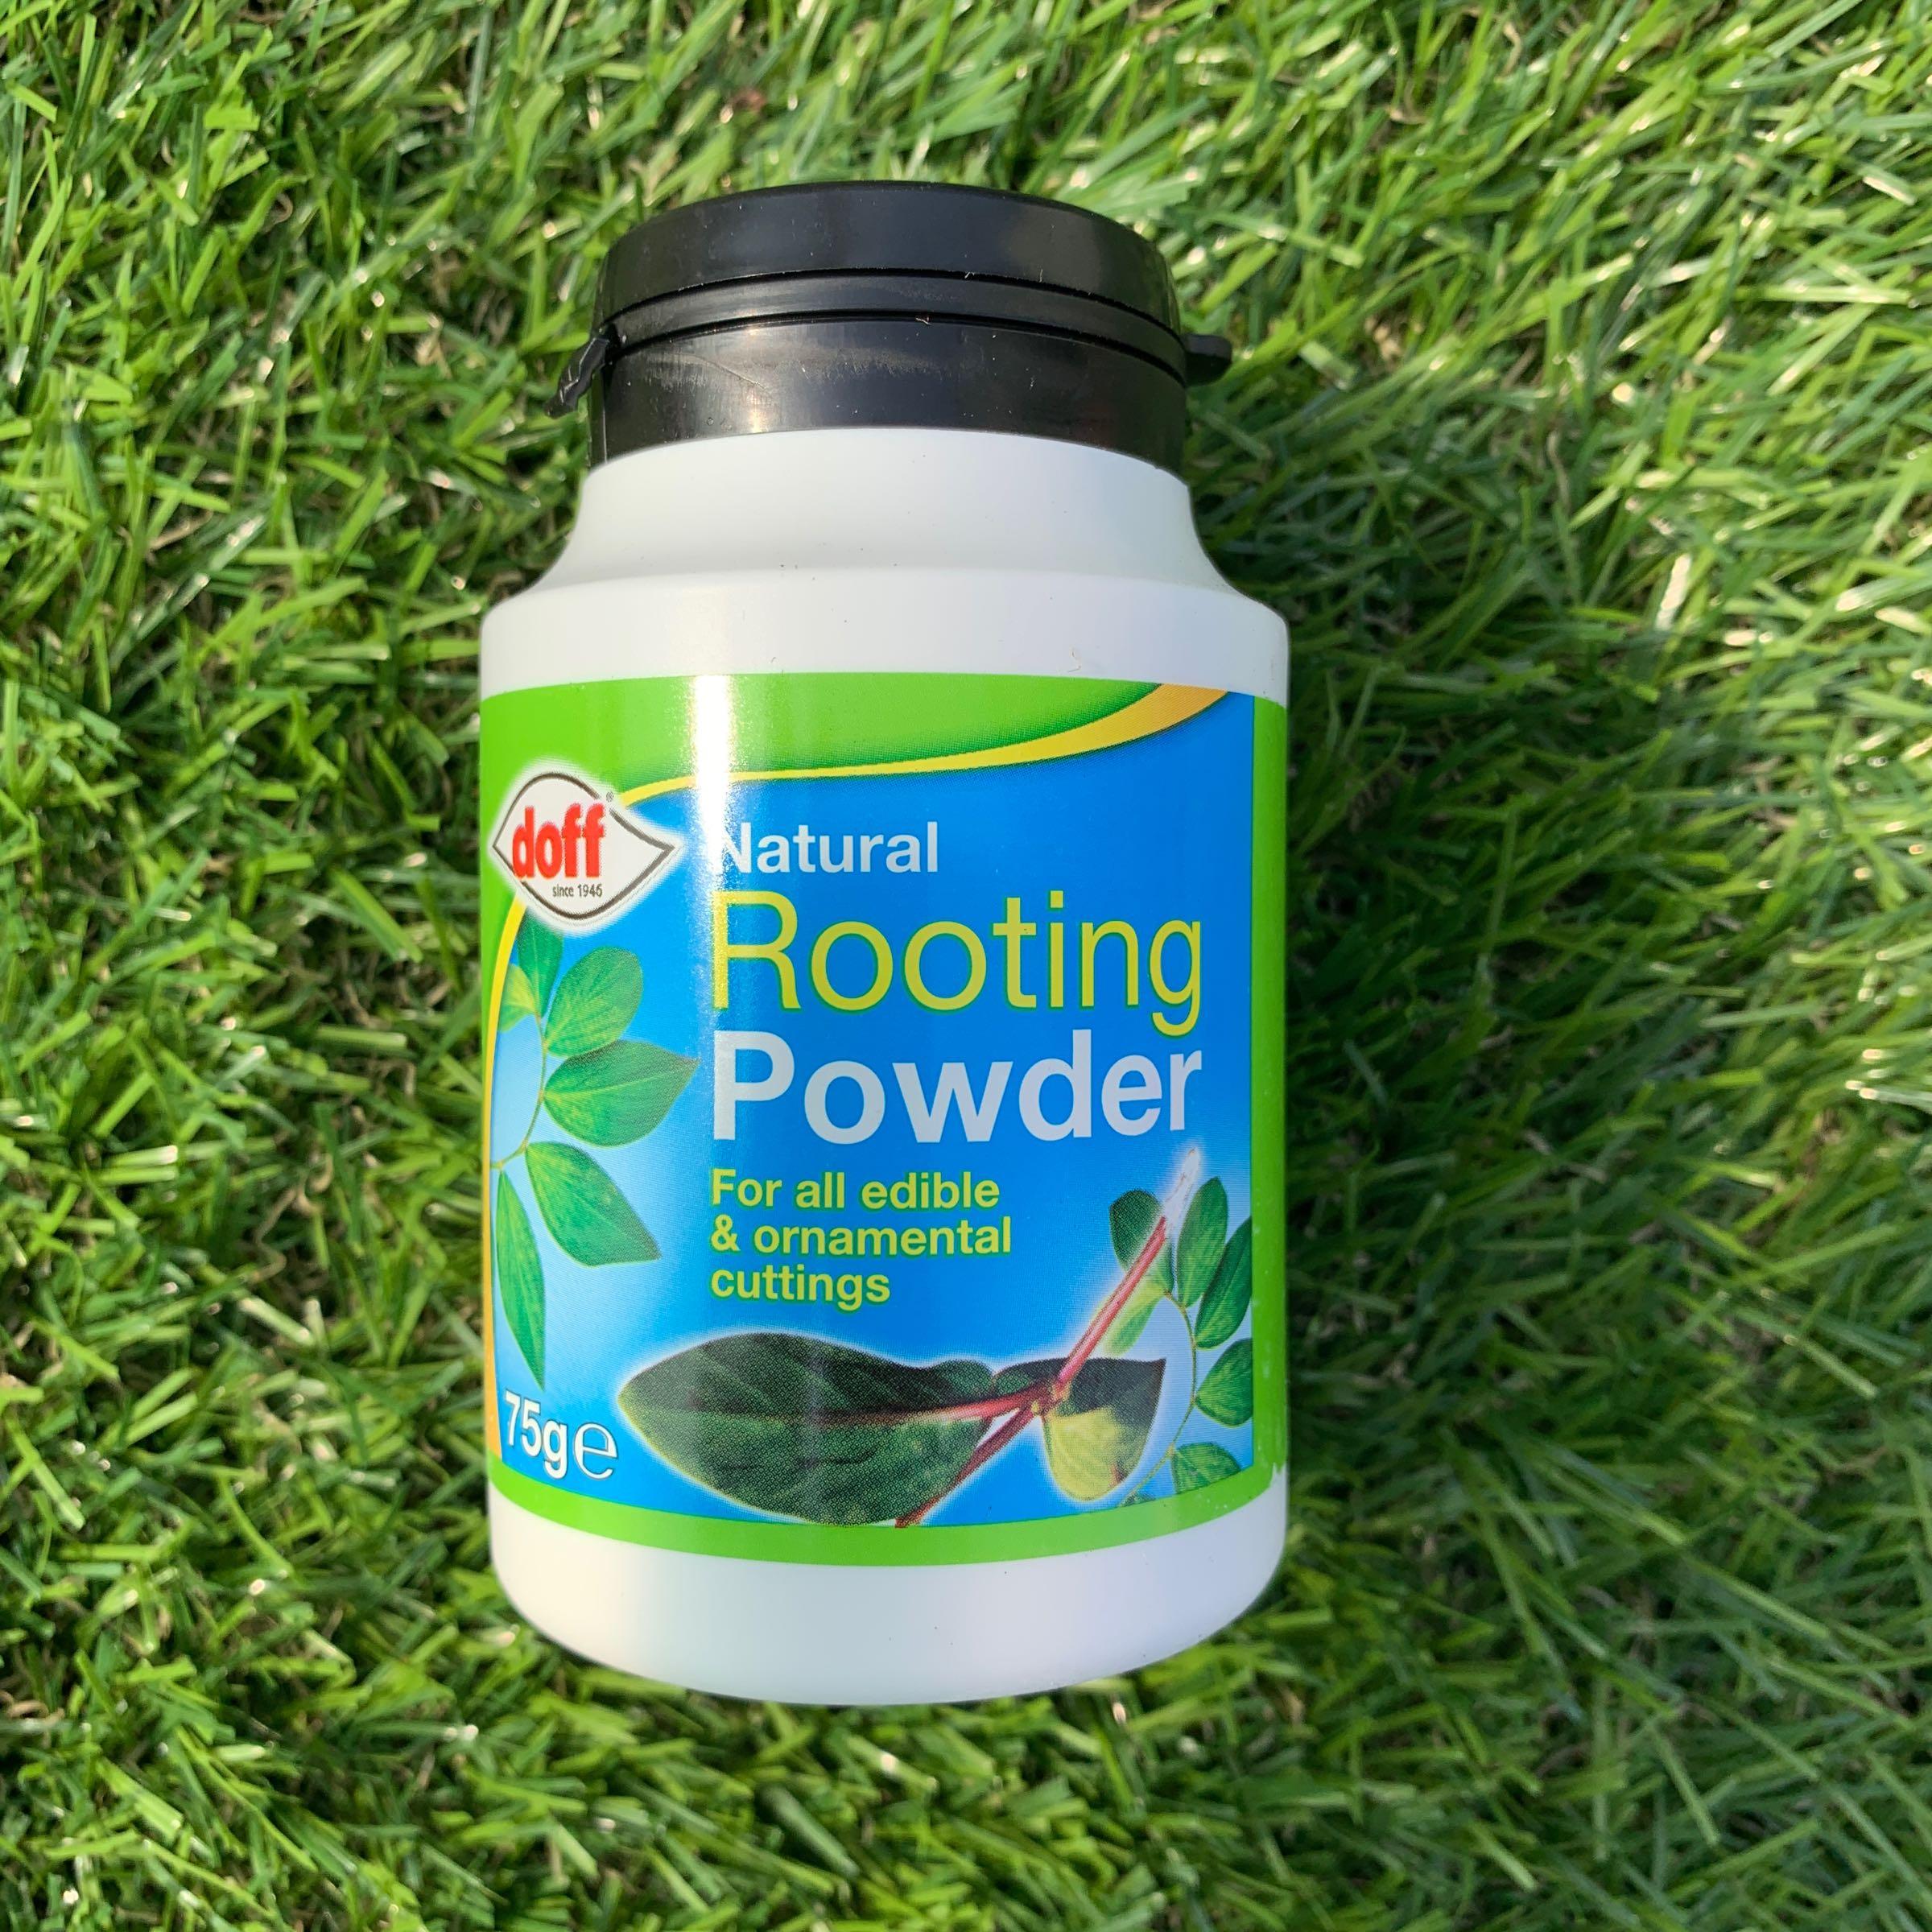 Doff Natural Rooting Powder - 75g